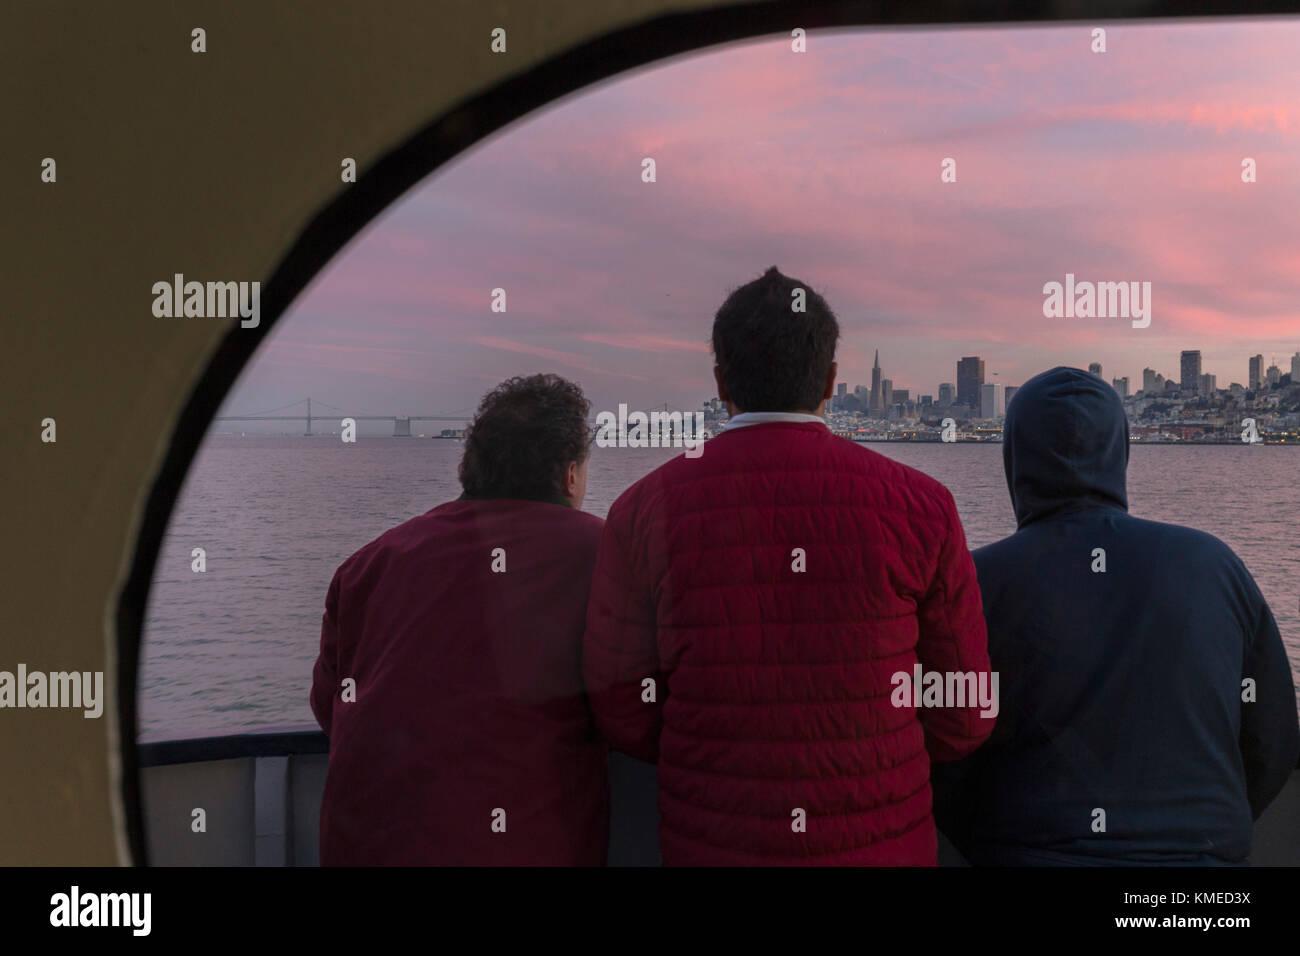 Vue arrière de trois passagers ferry de sausalito à San Francisco à la recherche à vue de la Photo Stock